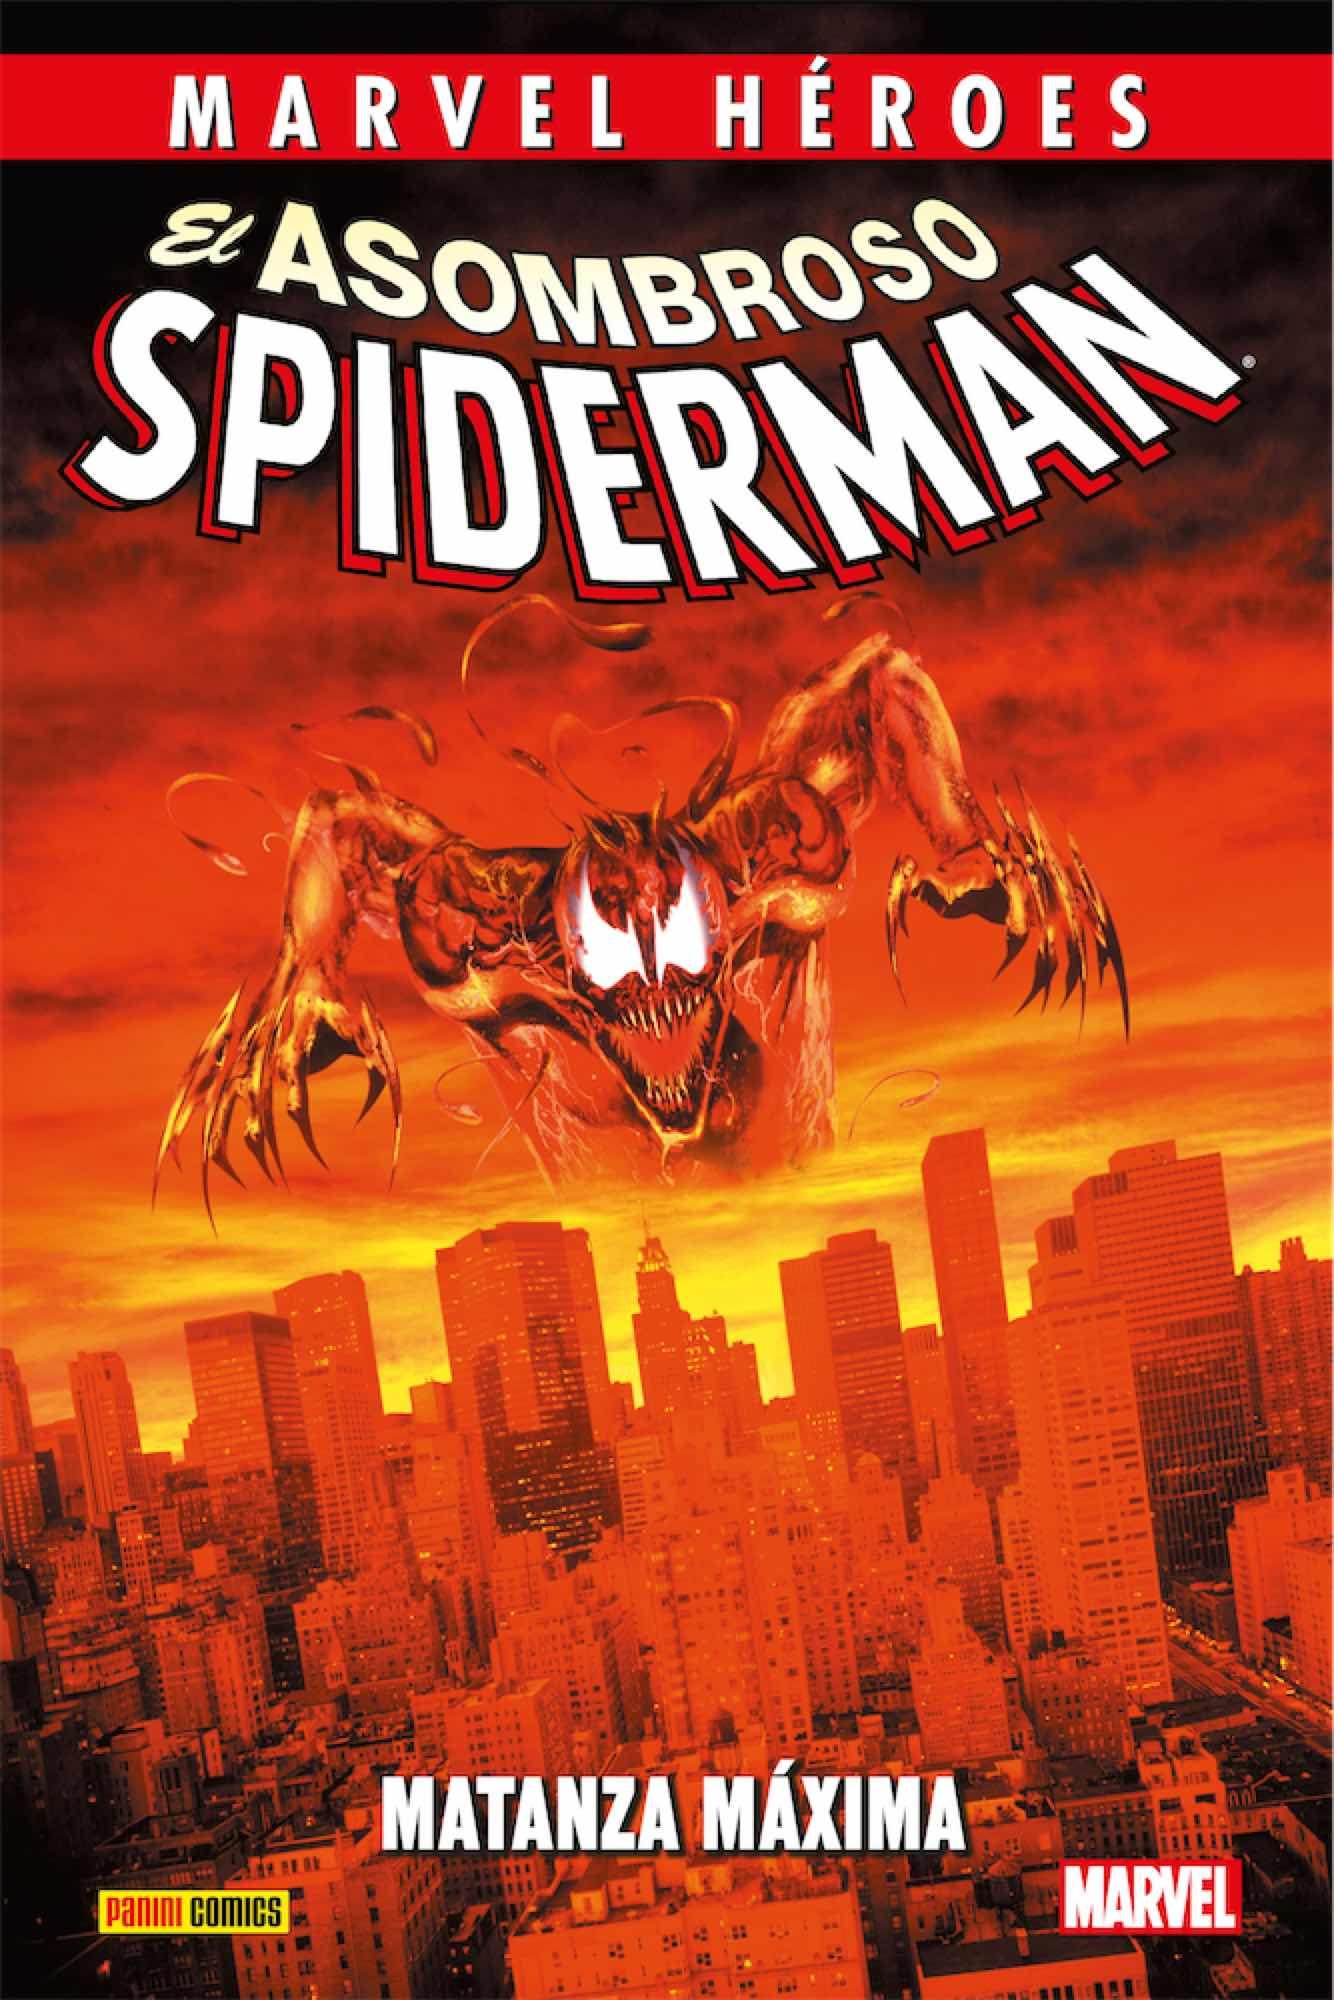 CMH 105: EL ASOMBROSO SPIDERMAN: MATANZA MAXIMA